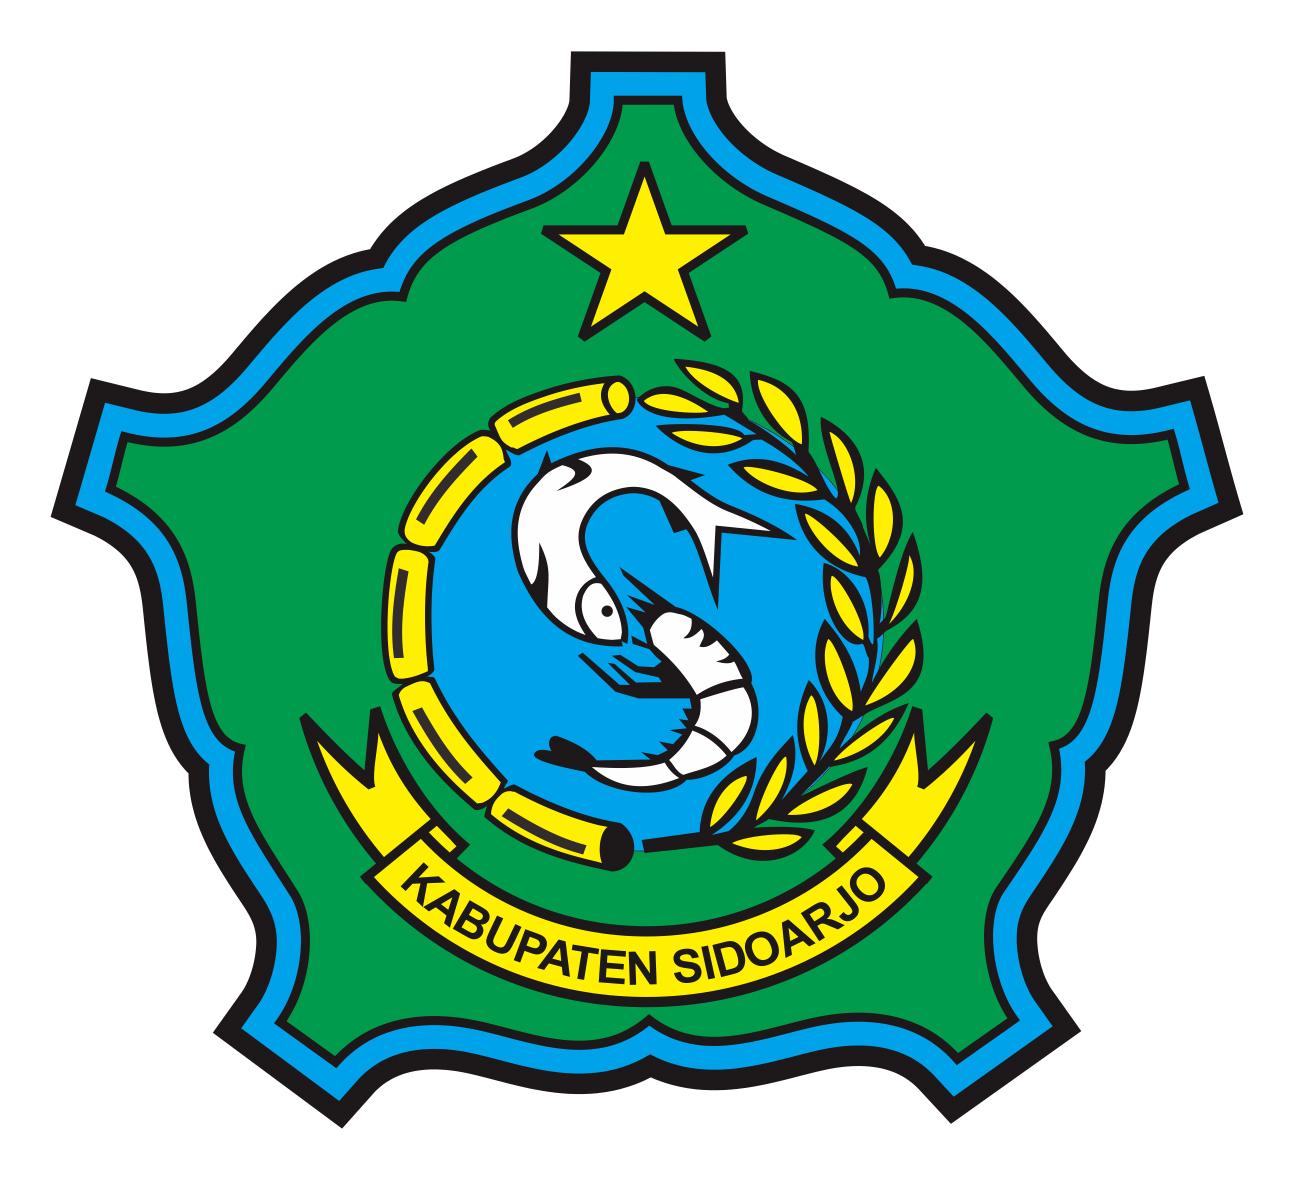 Logo Sidoarjo (Kabupaten Sidoarjo)Warna